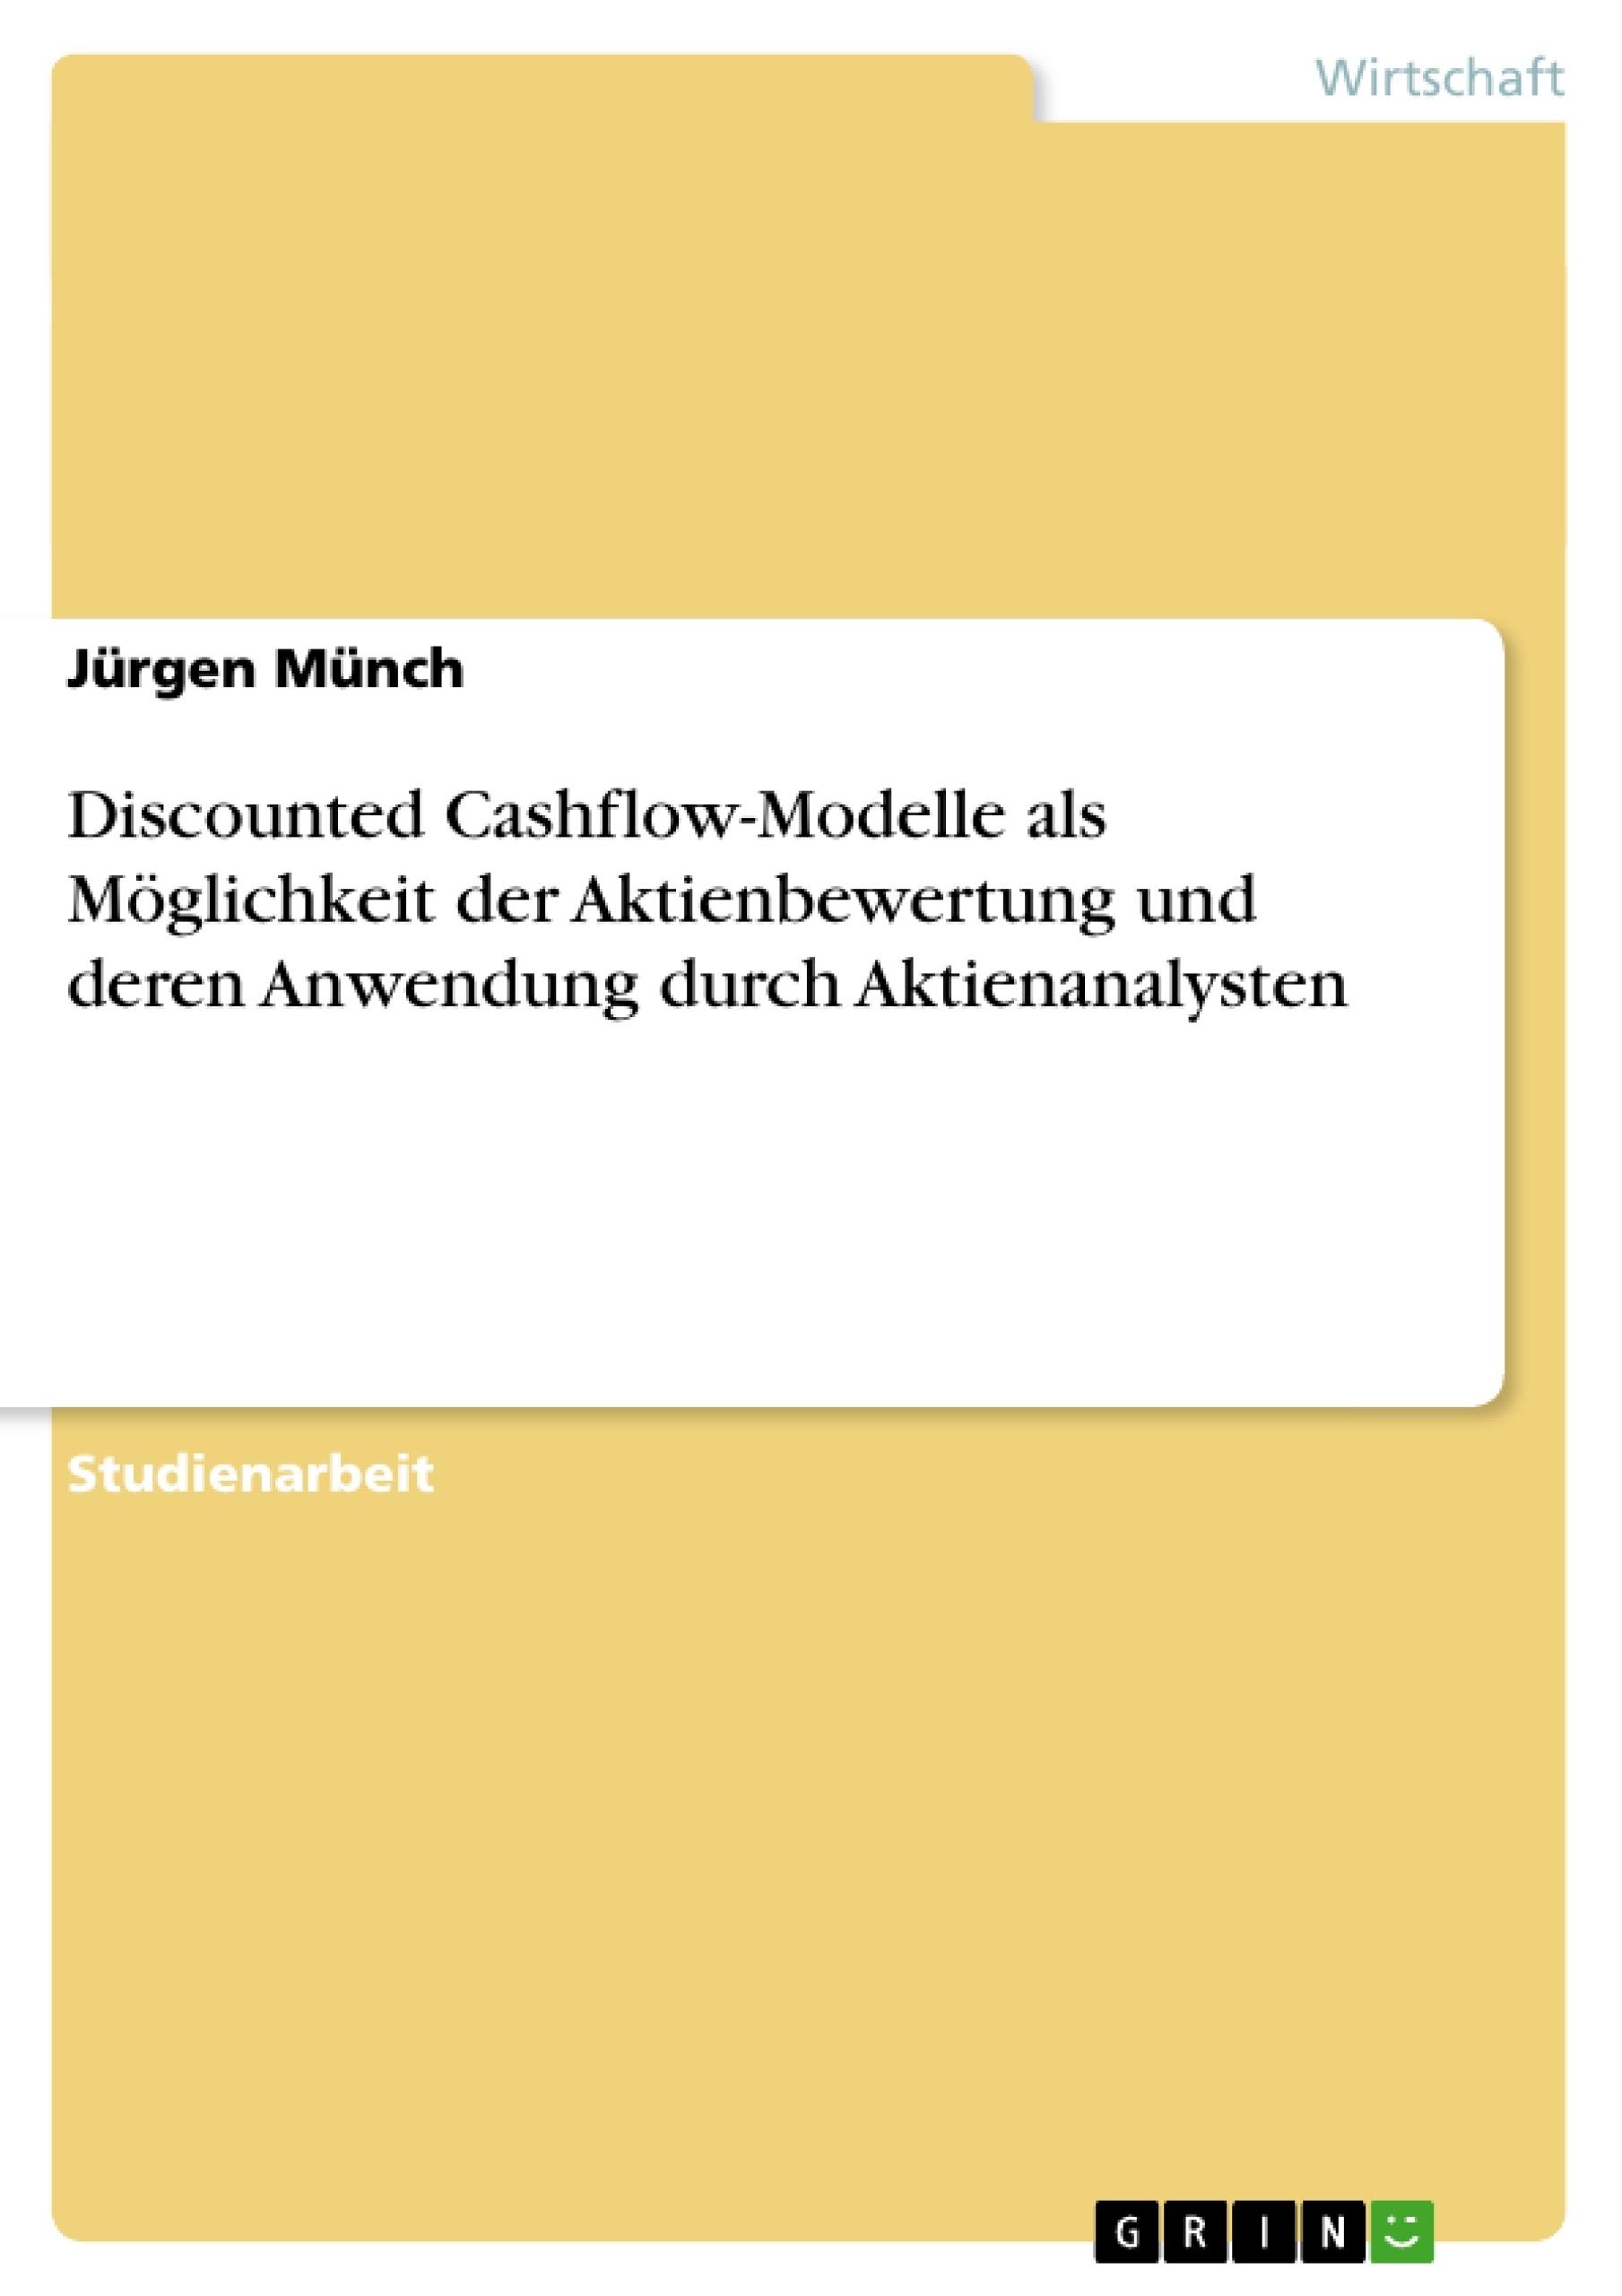 Titel: Discounted Cashflow-Modelle als Möglichkeit der Aktienbewertung und deren Anwendung durch Aktienanalysten